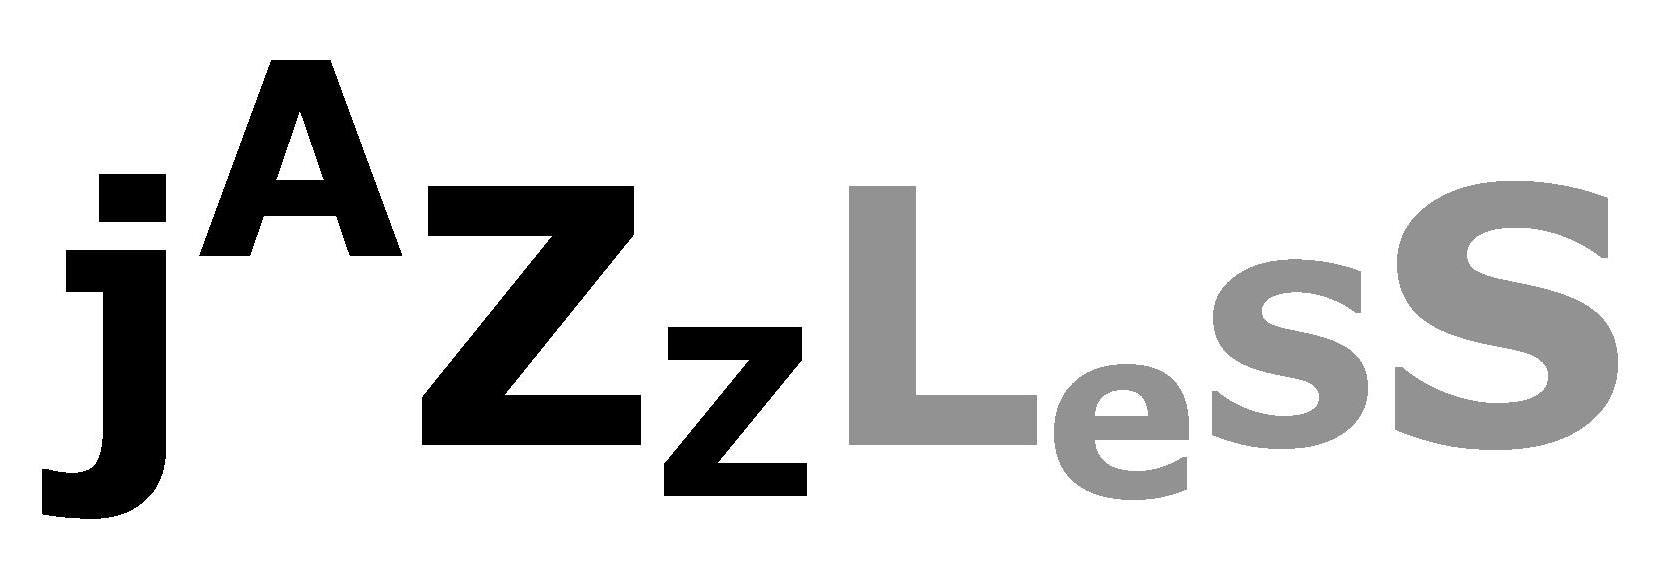 DrumelStettner – Jazzless